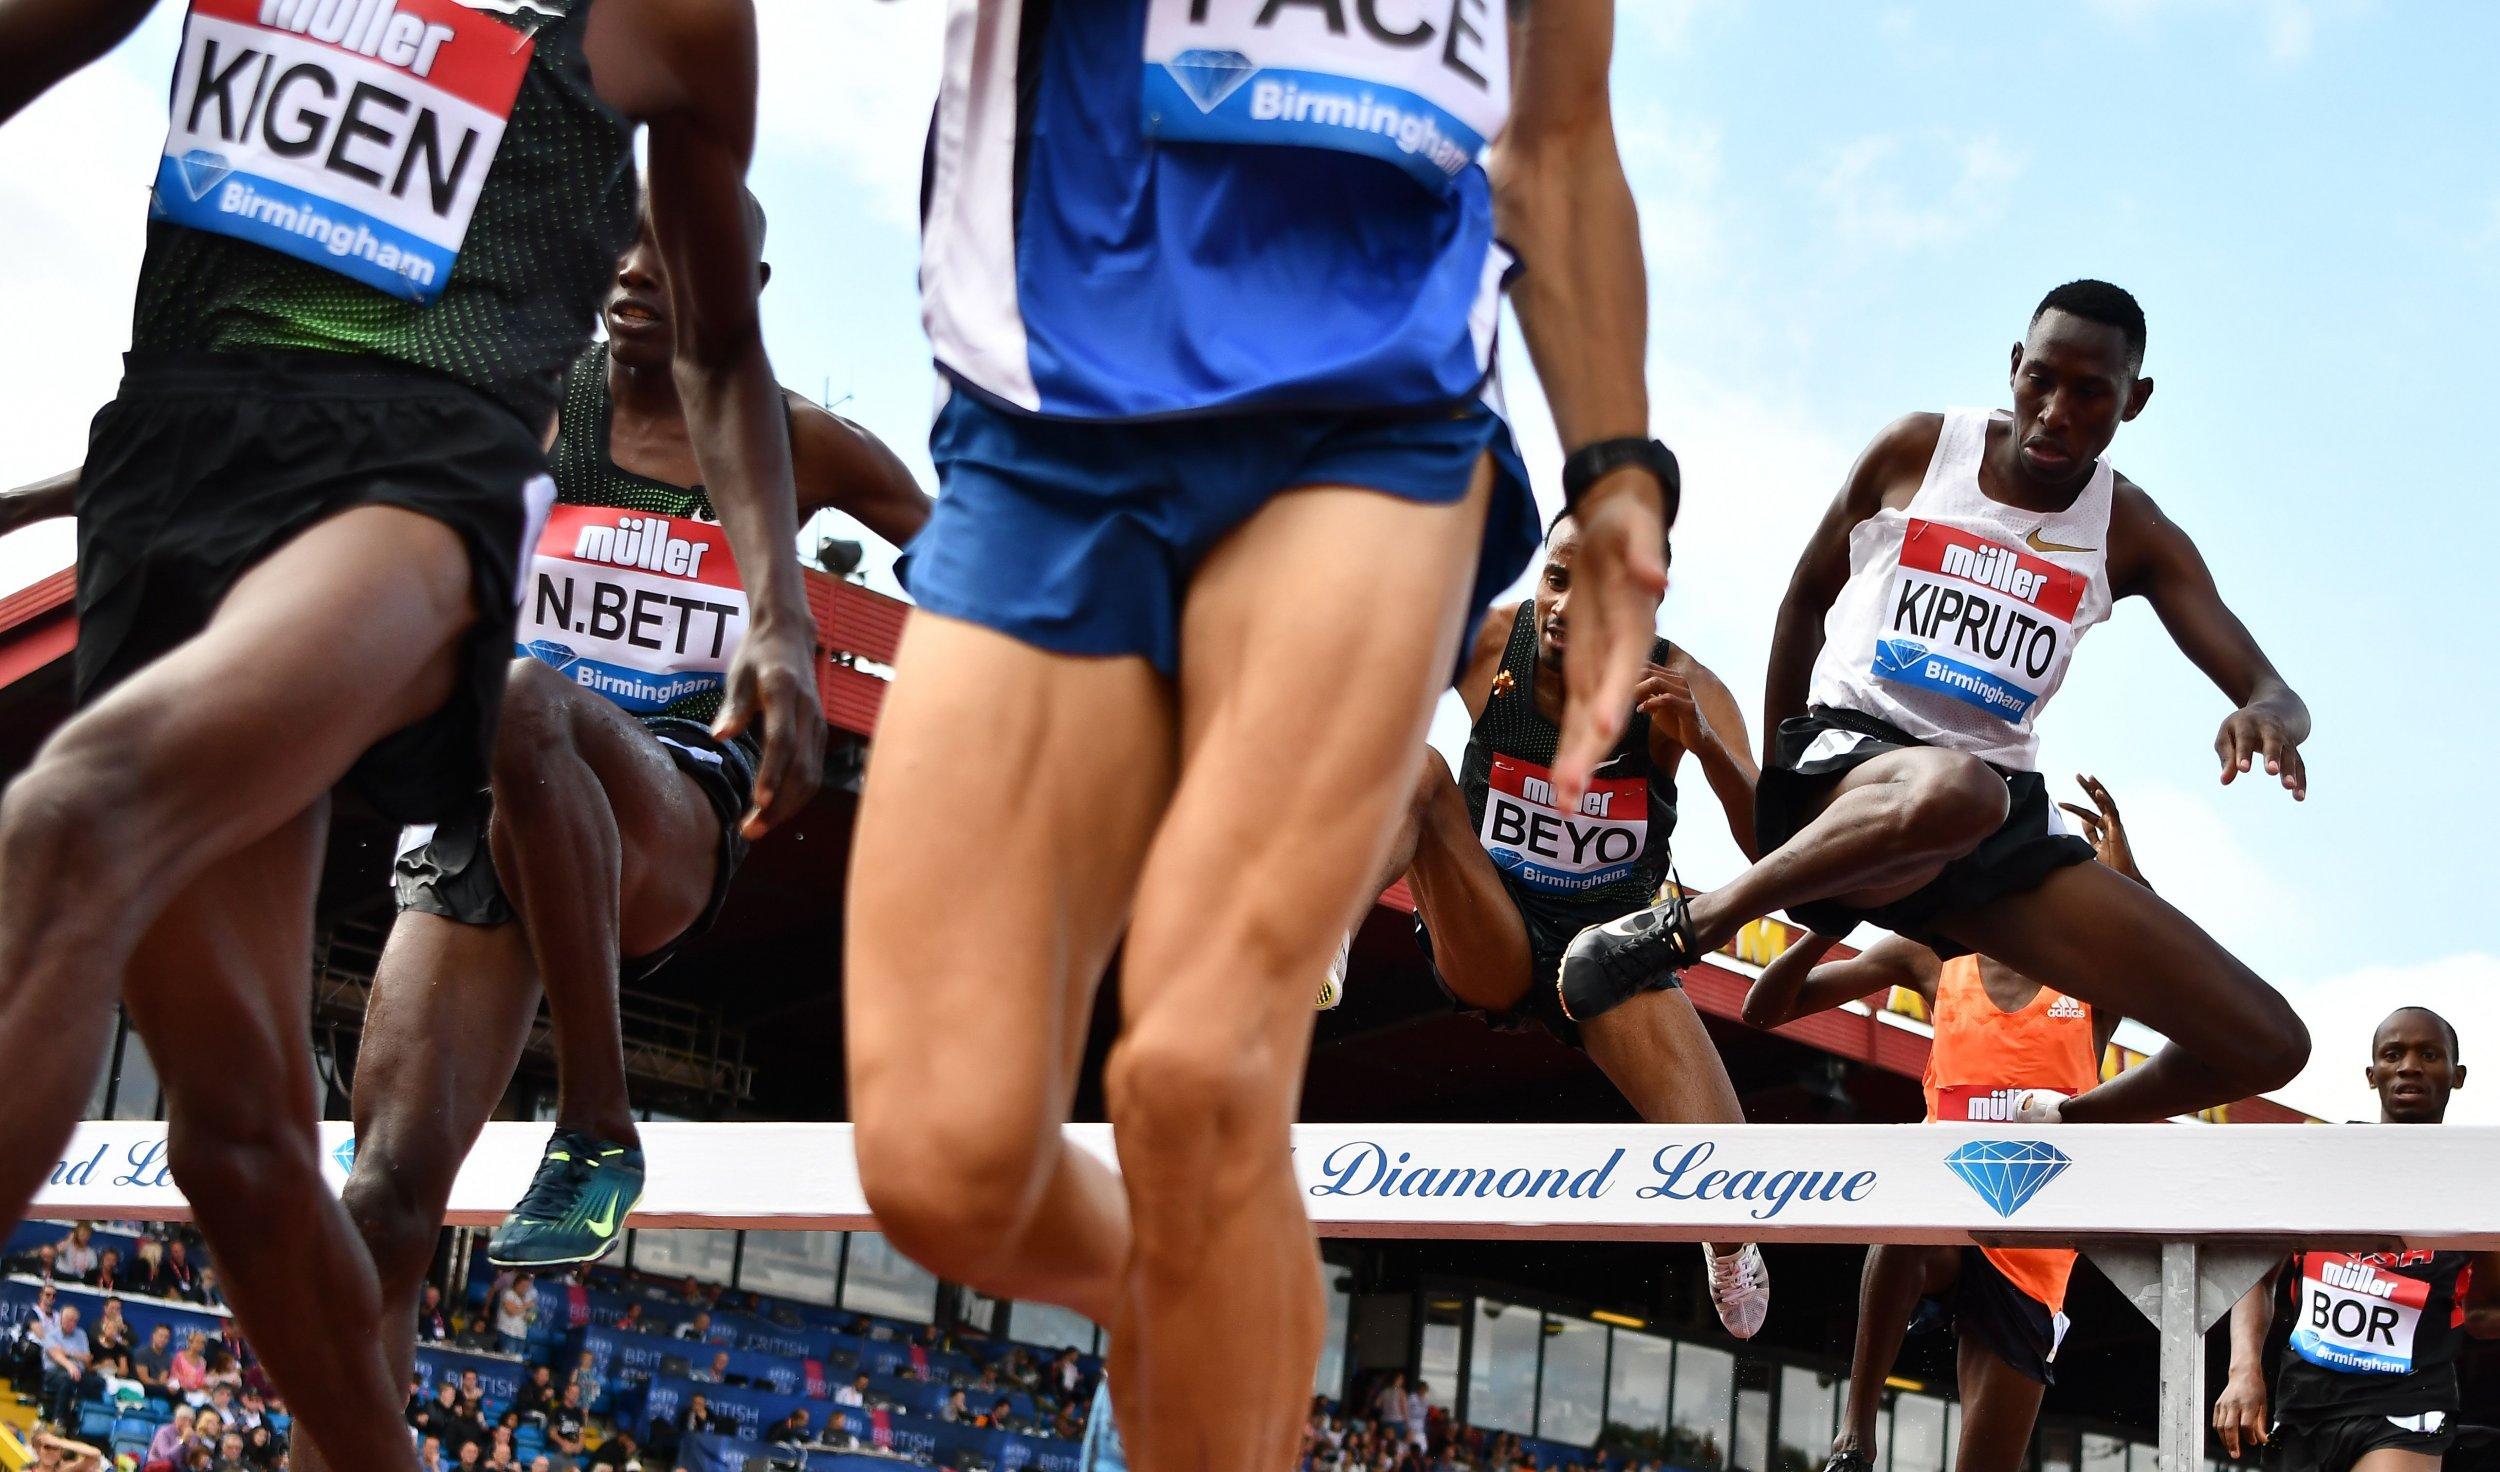 IAAF Birmingham Diamond League